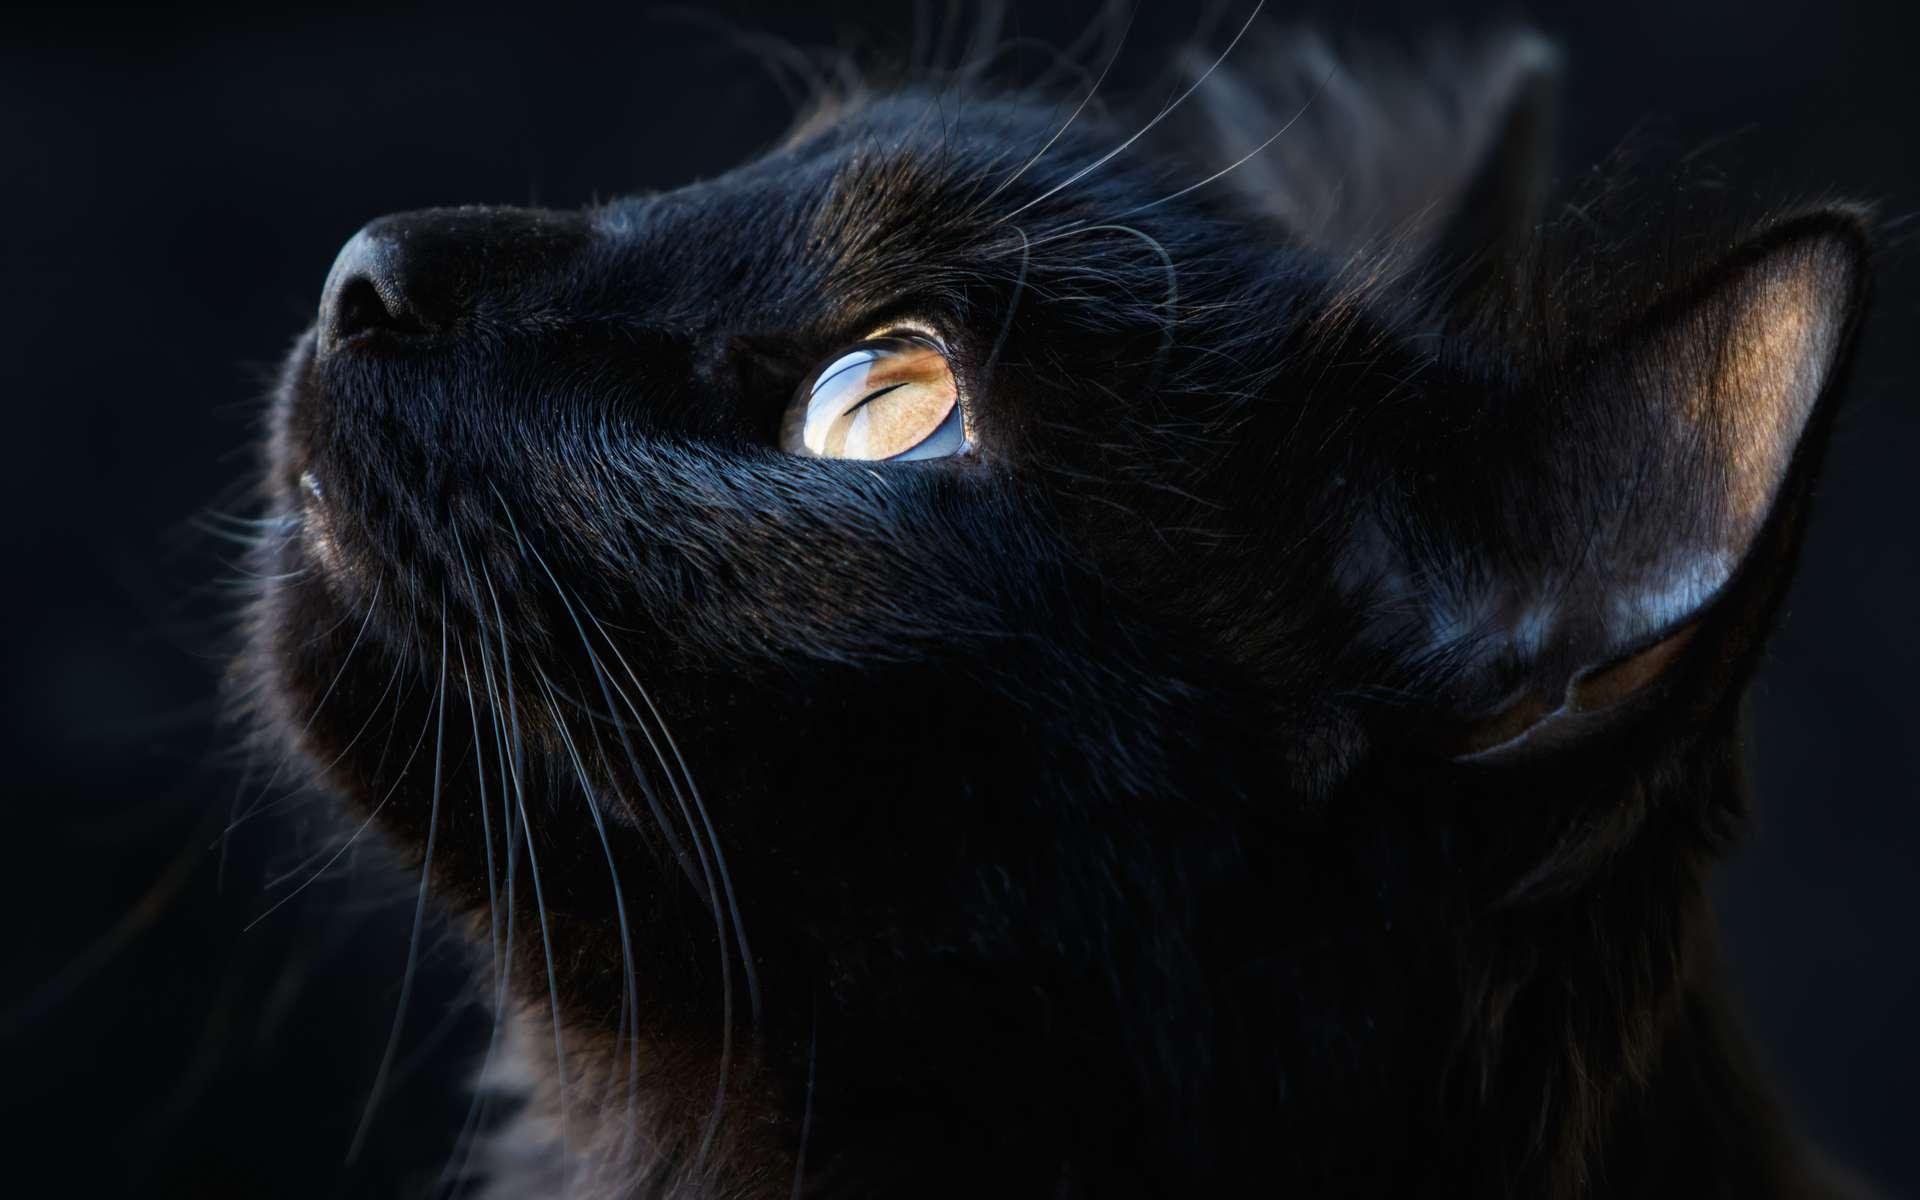 Portrait d'un chat noir. Le chat a une bonne vision dans l'obscurité. © fotogray71, Adobe Stock